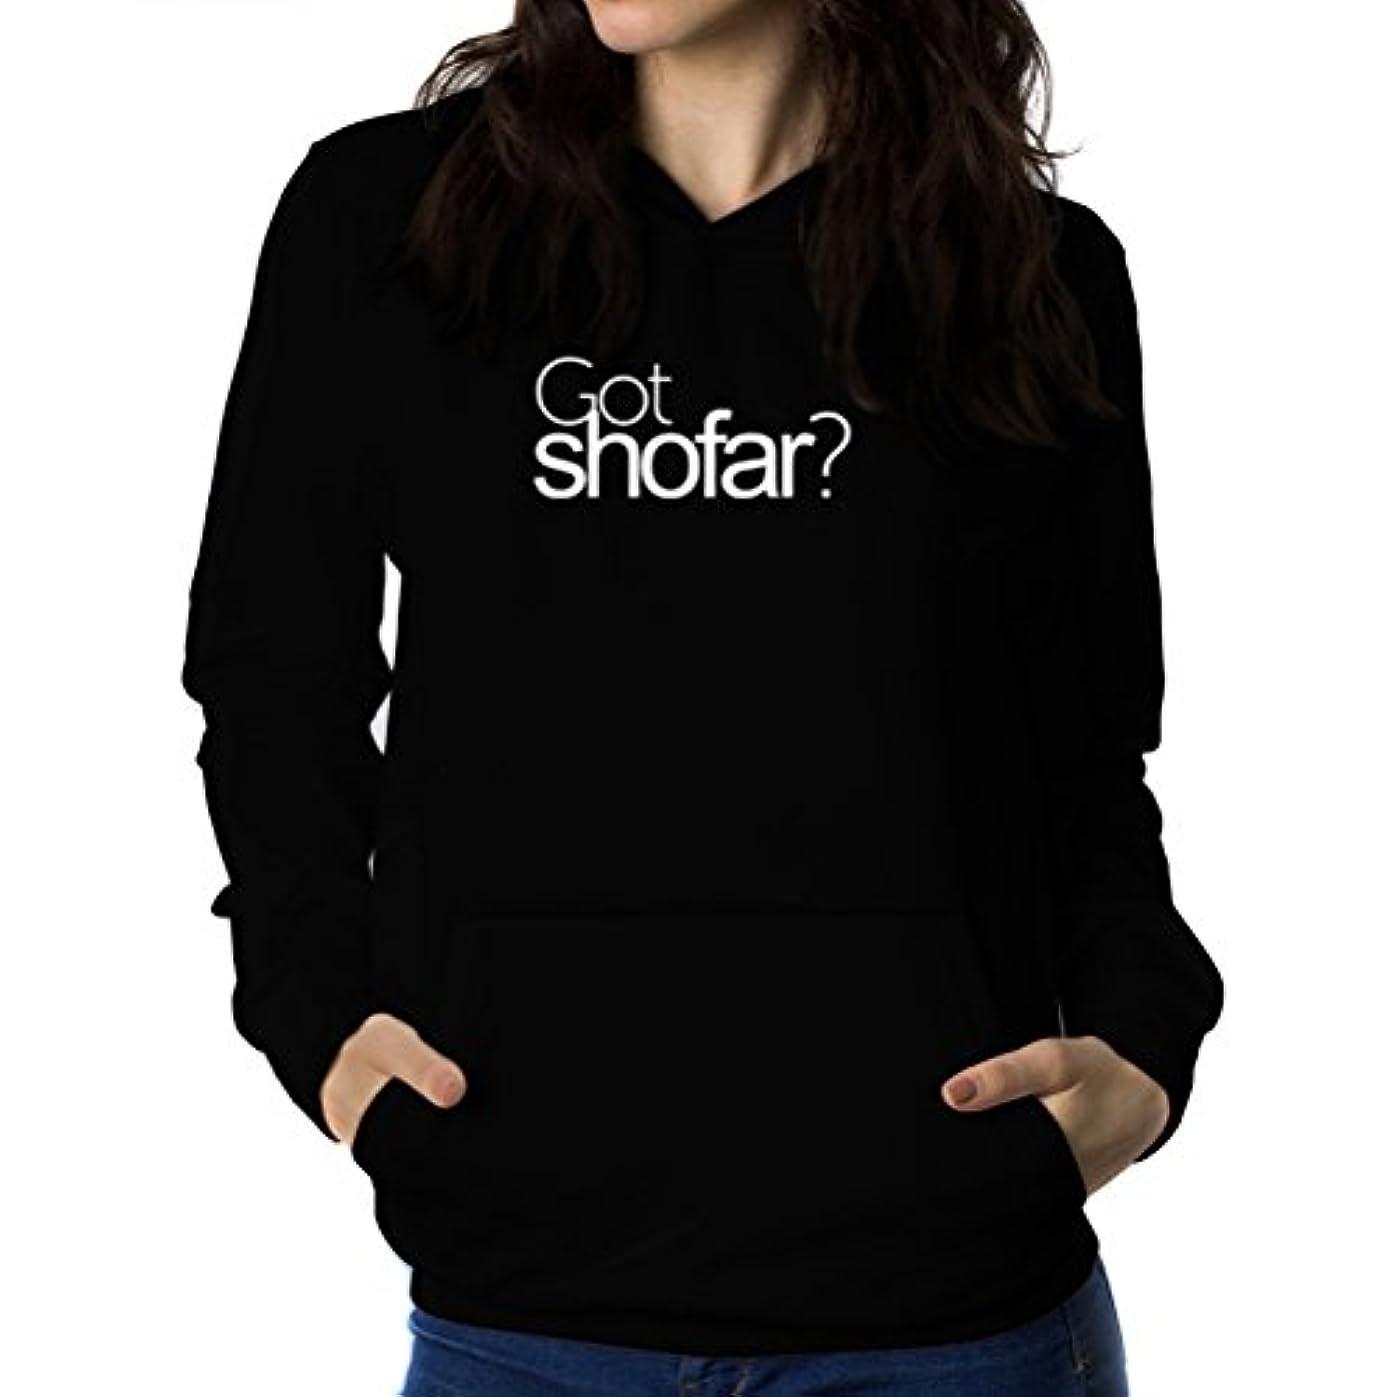 慈悲深い結果旋律的Got Shofar? 女性 フーディー